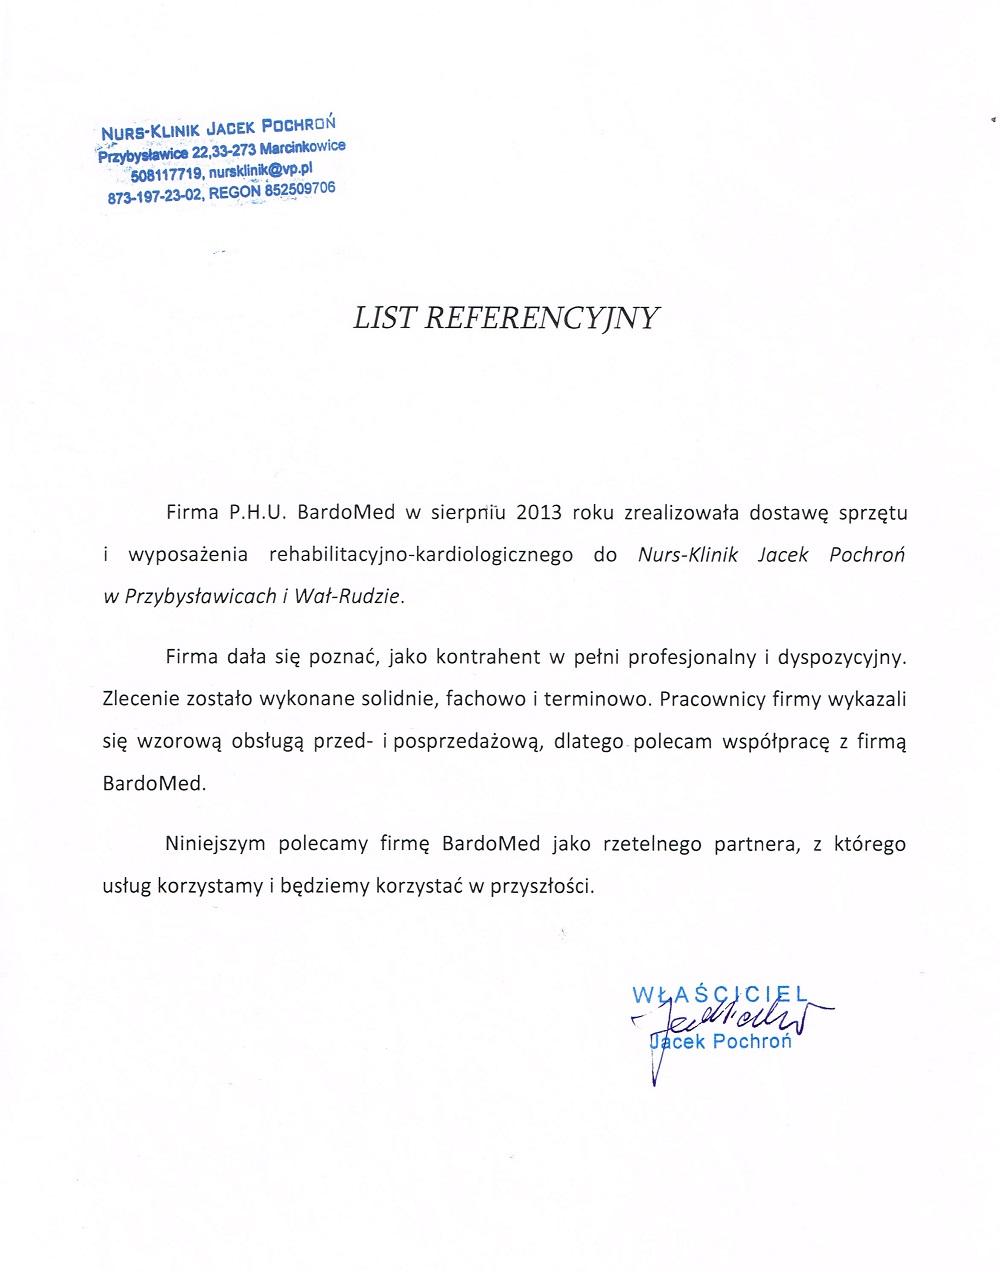 List referencyjny za sprzęt rehabilitacyjno-kardiologiczny BardoMed